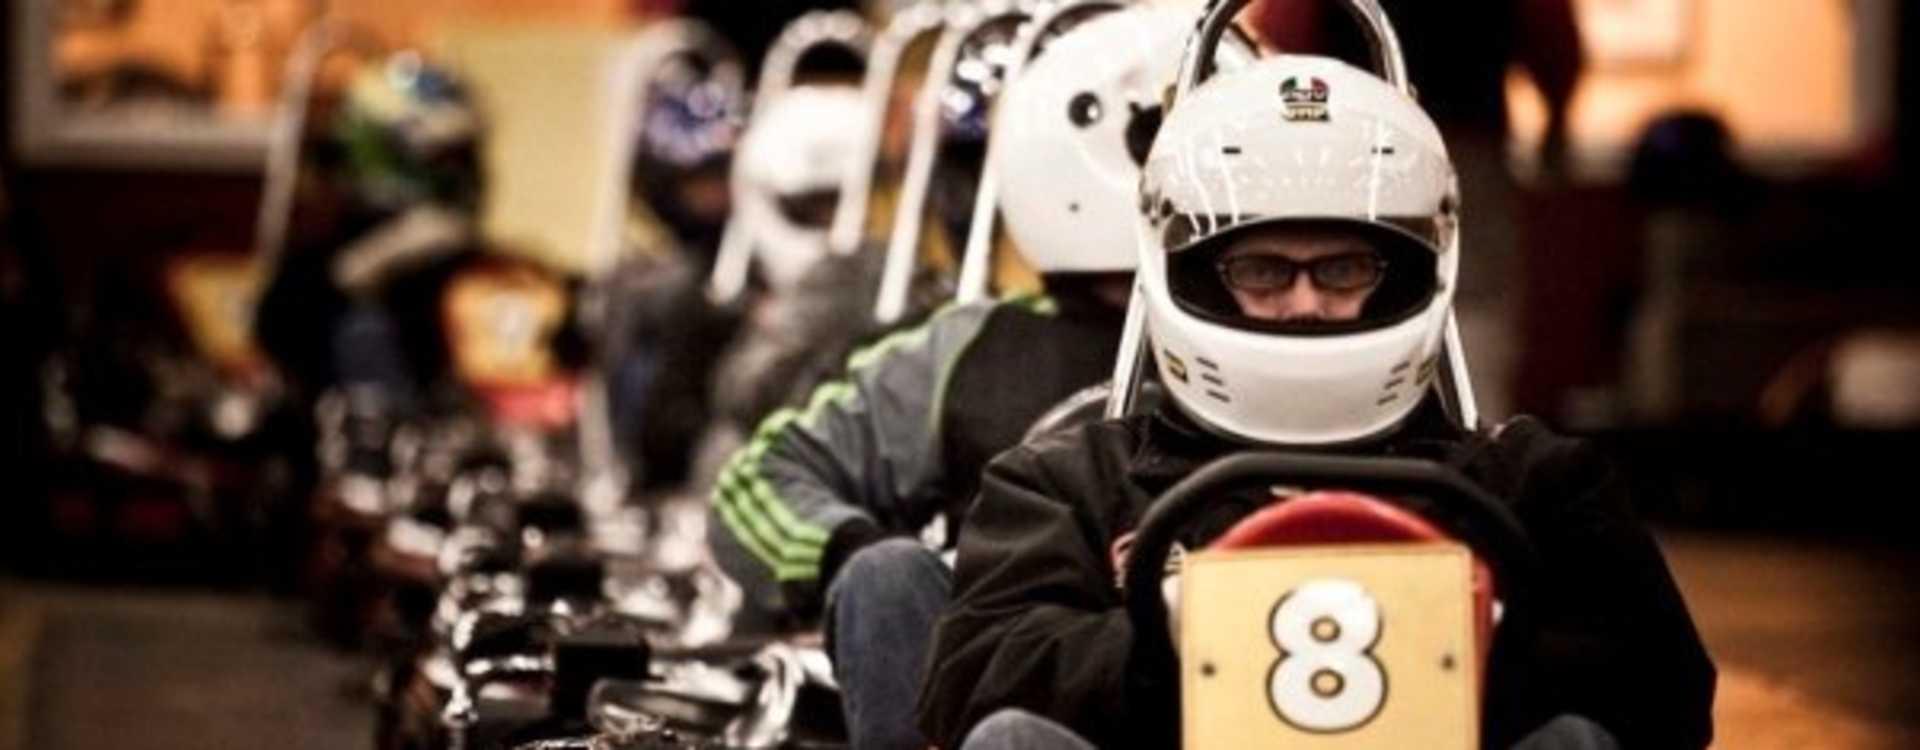 Sykart_Indoor_Racing-3.jpg